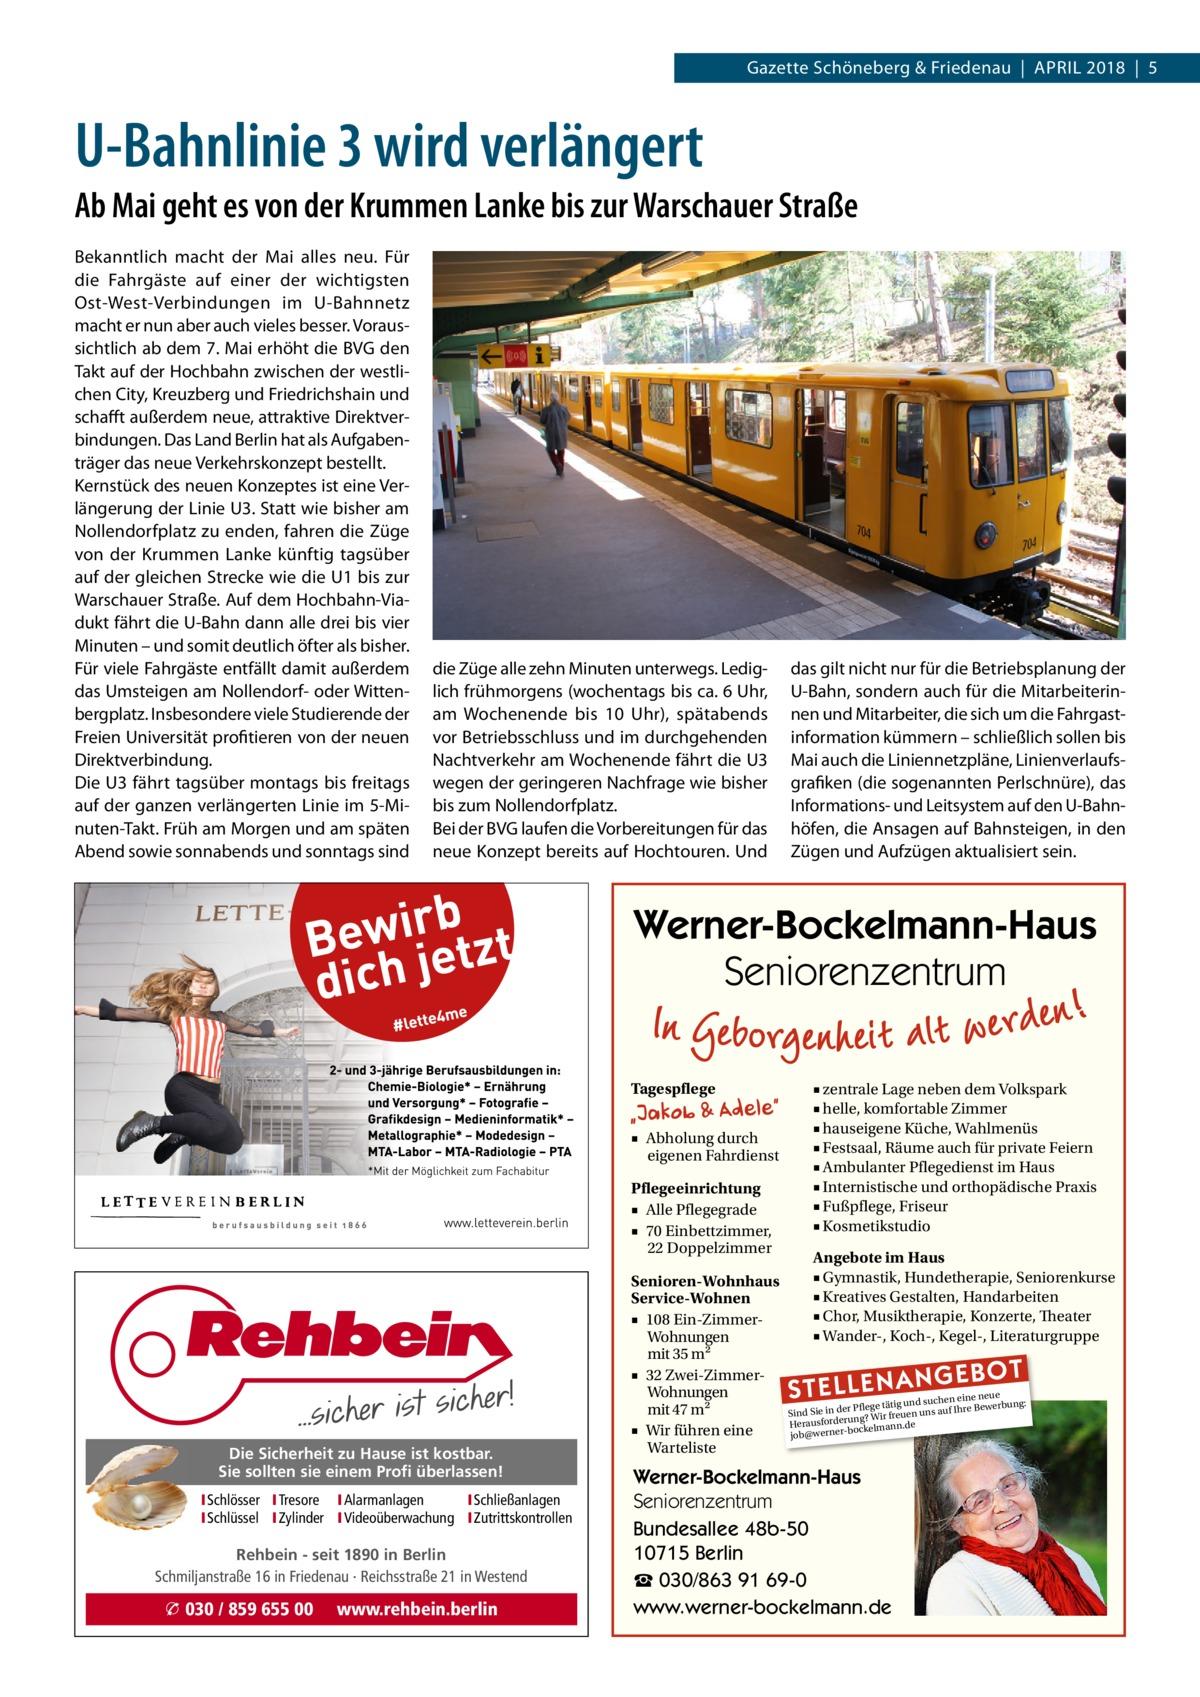 Gazette Schöneberg & Friedenau|April 2018|5  U-Bahnlinie 3 wird verlängert Ab Mai geht es von der Krummen Lanke bis zur Warschauer Straße Bekanntlich macht der Mai alles neu. Für die Fahrgäste auf einer der wichtigsten Ost-West-Verbindungen im U-Bahnnetz macht er nun aber auch vieles besser. Voraussichtlich ab dem 7.Mai erhöht die BVG den Takt auf der Hochbahn zwischen der westlichen City, Kreuzberg und Friedrichshain und schafft außerdem neue, attraktive Direktverbindungen. Das Land Berlin hat als Aufgabenträger das neue Verkehrskonzept bestellt. Kernstück des neuen Konzeptes ist eine Verlängerung der LinieU3. Statt wie bisher am Nollendorfplatz zu enden, fahren die Züge von der Krummen Lanke künftig tagsüber auf der gleichen Strecke wie die U1 bis zur Warschauer Straße. Auf dem Hochbahn-Viadukt fährt die U-Bahn dann alle drei bis vier Minuten – und somit deutlich öfter als bisher. Für viele Fahrgäste entfällt damit außerdem das Umsteigen am Nollendorf- oder Wittenbergplatz. Insbesondere viele Studierende der Freien Universität profitieren von der neuen Direktverbindung. Die U3 fährt tagsüber montags bis freitags auf der ganzen verlängerten Linie im 5-Minuten-Takt. Früh am Morgen und am späten Abend sowie sonnabends und sonntags sind  die Züge alle zehn Minuten unterwegs. Lediglich frühmorgens (wochentags bis ca. 6Uhr, am Wochenende bis 10 Uhr), spätabends vor Betriebsschluss und im durchgehenden Nachtverkehr am Wochenende fährt die U3 wegen der geringeren Nachfrage wie bisher bis zum Nollendorfplatz. Bei der BVG laufen die Vorbereitungen für das neue Konzept bereits auf Hochtouren. Und  das gilt nicht nur für die Betriebsplanung der U-Bahn, sondern auch für die Mitarbeiterinnen und Mitarbeiter, die sich um die Fahrgast information kümmern – schließlich sollen bis Mai auch die Liniennetzpläne, Linienverlaufsgrafiken (die sogenannten Perlschnüre), das Informations- und Leitsystem auf den U-Bahnhöfen, die Ansagen auf Bahnsteigen, in den Zügen und Aufzügen aktualisier